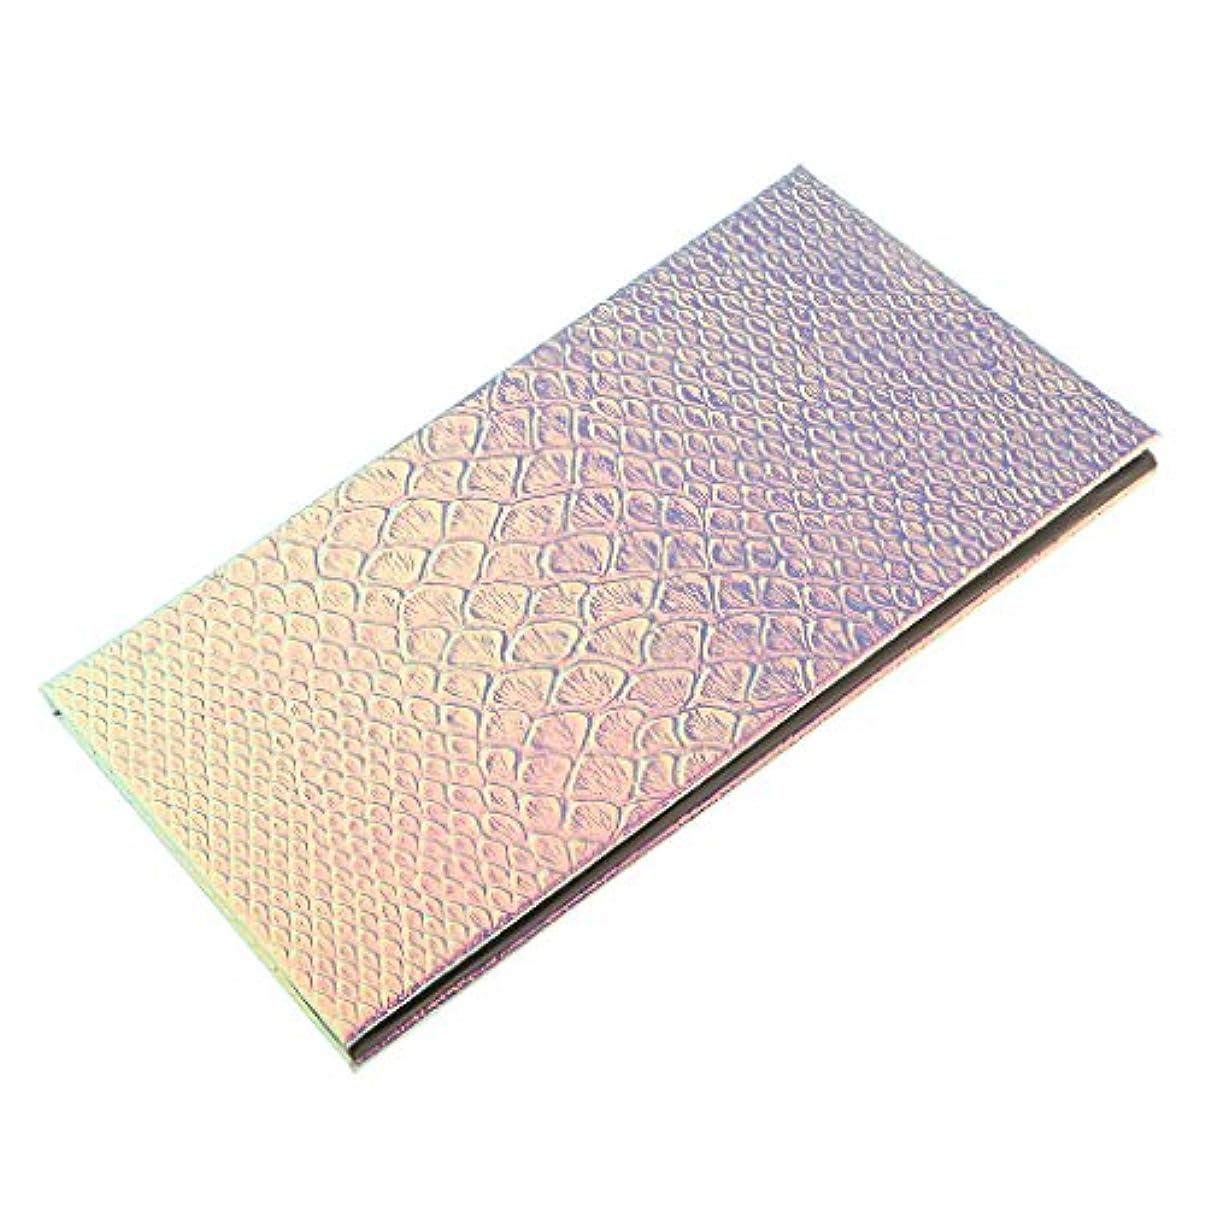 失敗シュリンク考古学的なBaosity 磁気パレットボックス 空の磁気パレット メイクアップ 化粧 コスメ 収納 ボックス 全2サイズ選べ - 18x10cm